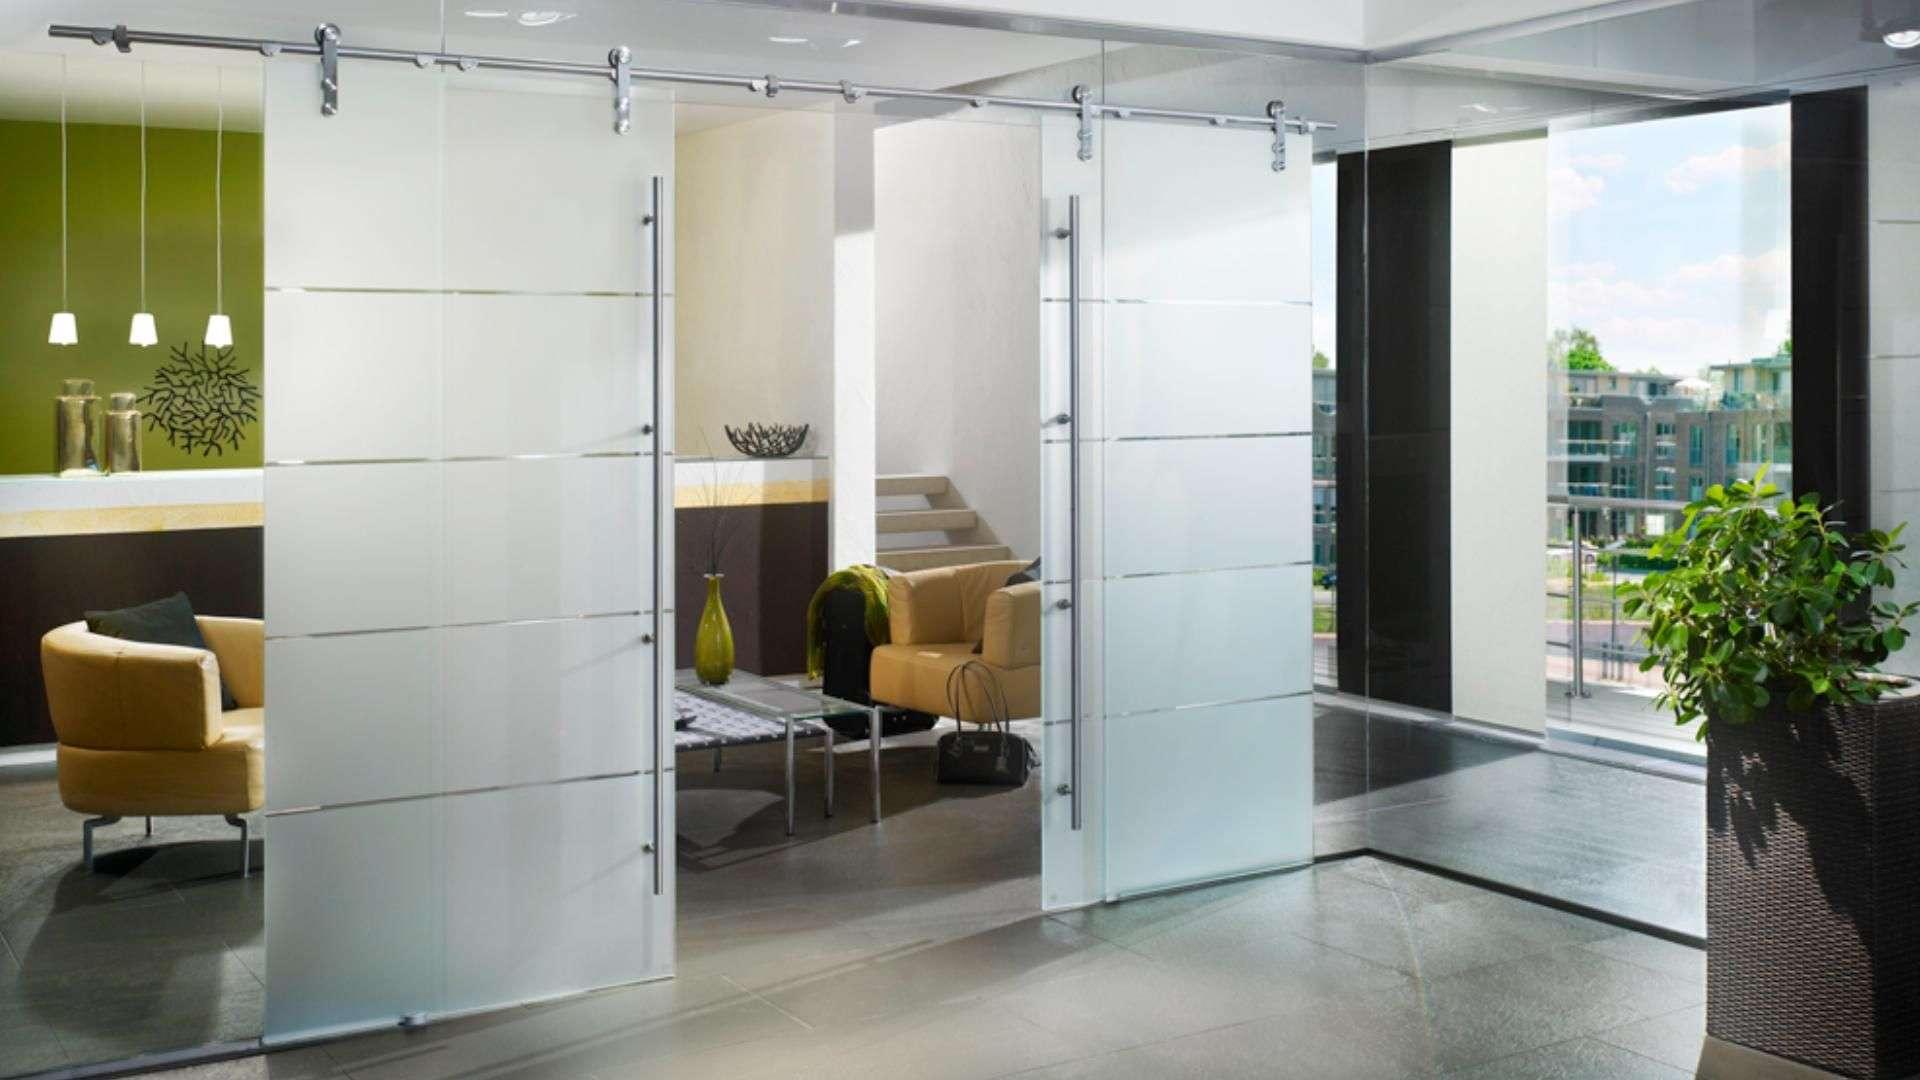 Glas-Schiebetür zwischen Küche und Wohnzimmer